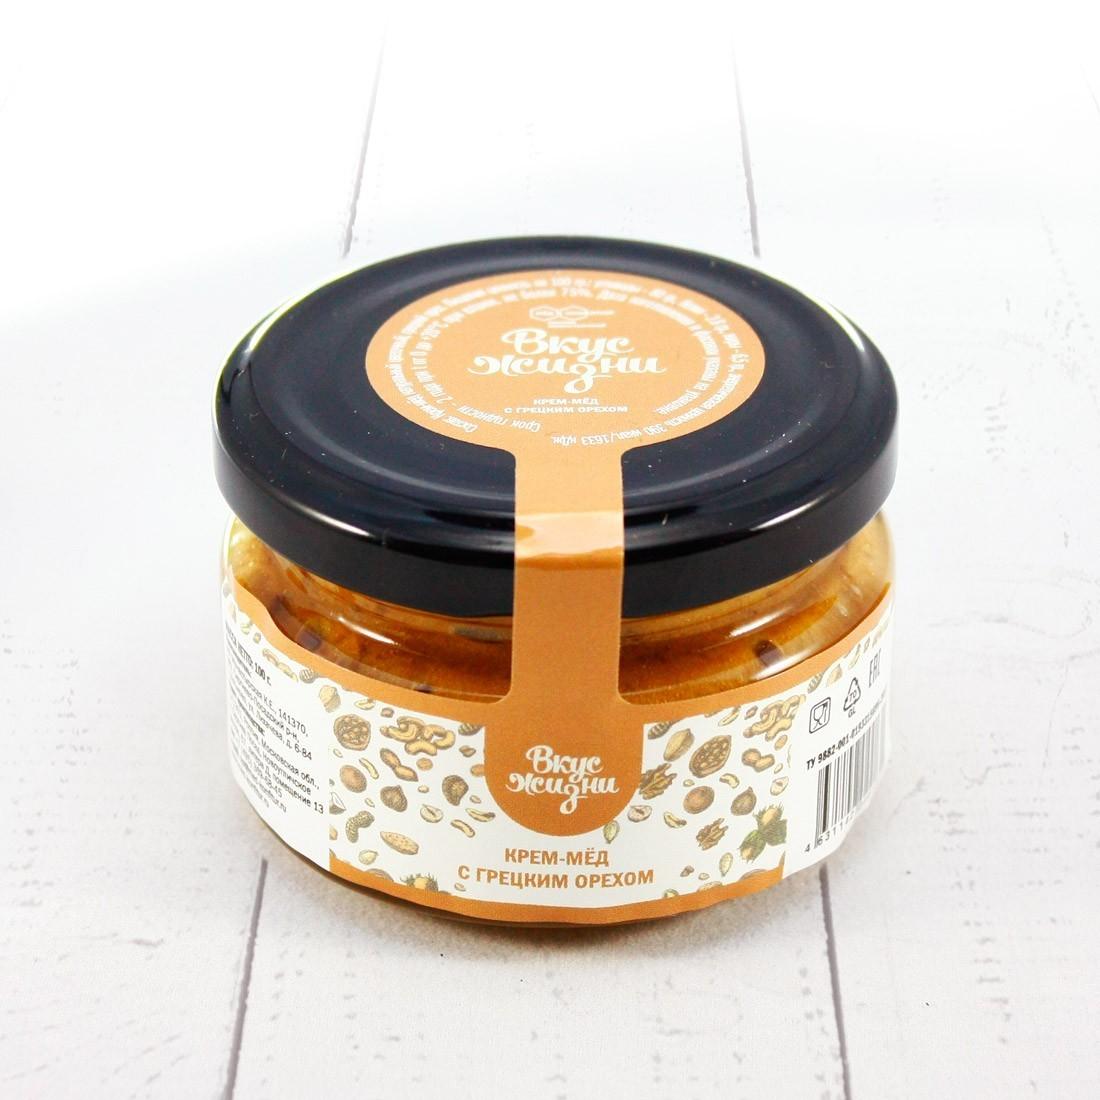 Крем для медовика: рецепты самых вкусных начинок для медового торта